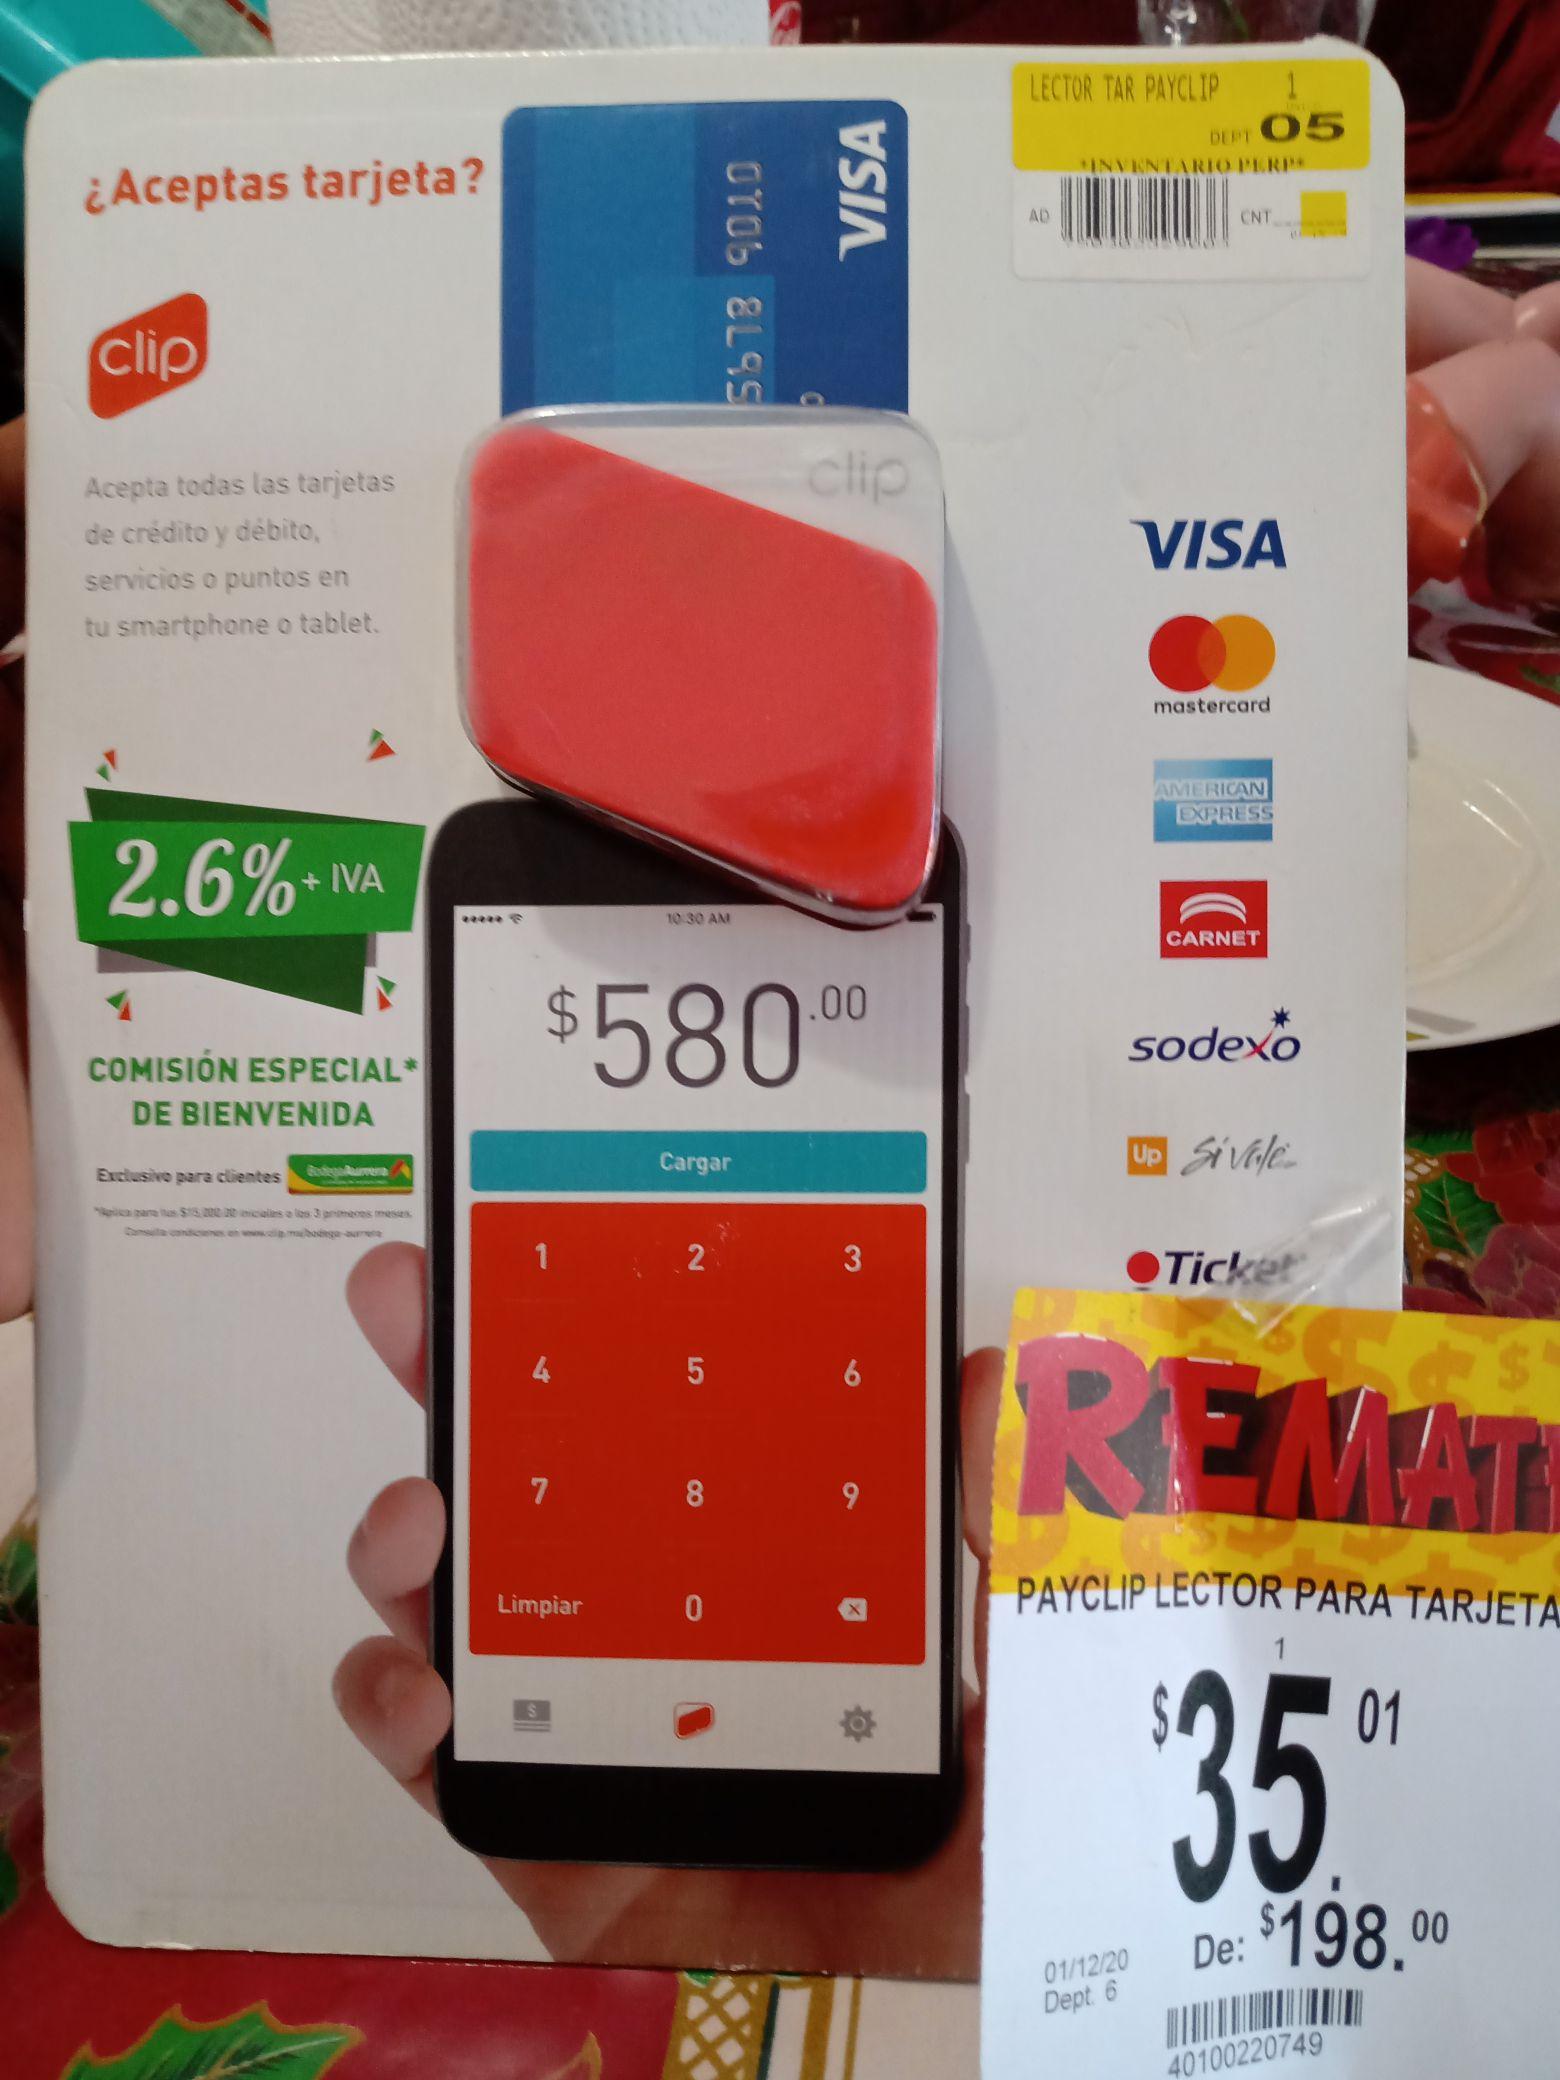 Lector CLIP tarjetas crédito y débito Bodega Aurrerá Colima